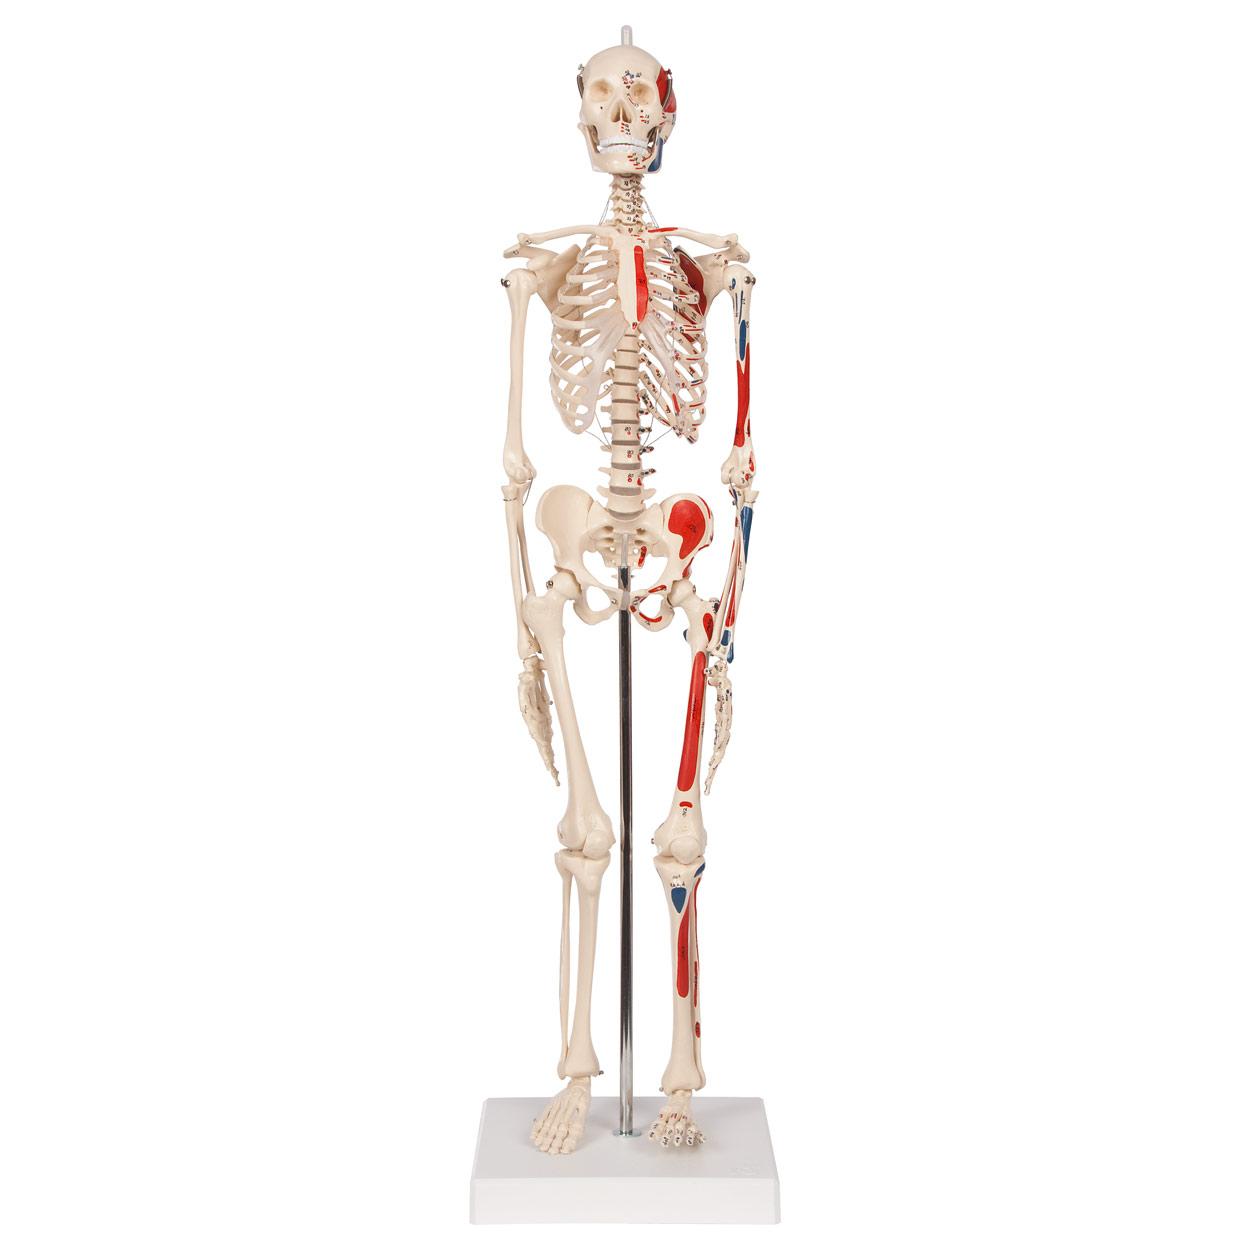 Nett Muskel Skelett Anatomie Malbuch Bilder - Malvorlagen Von Tieren ...